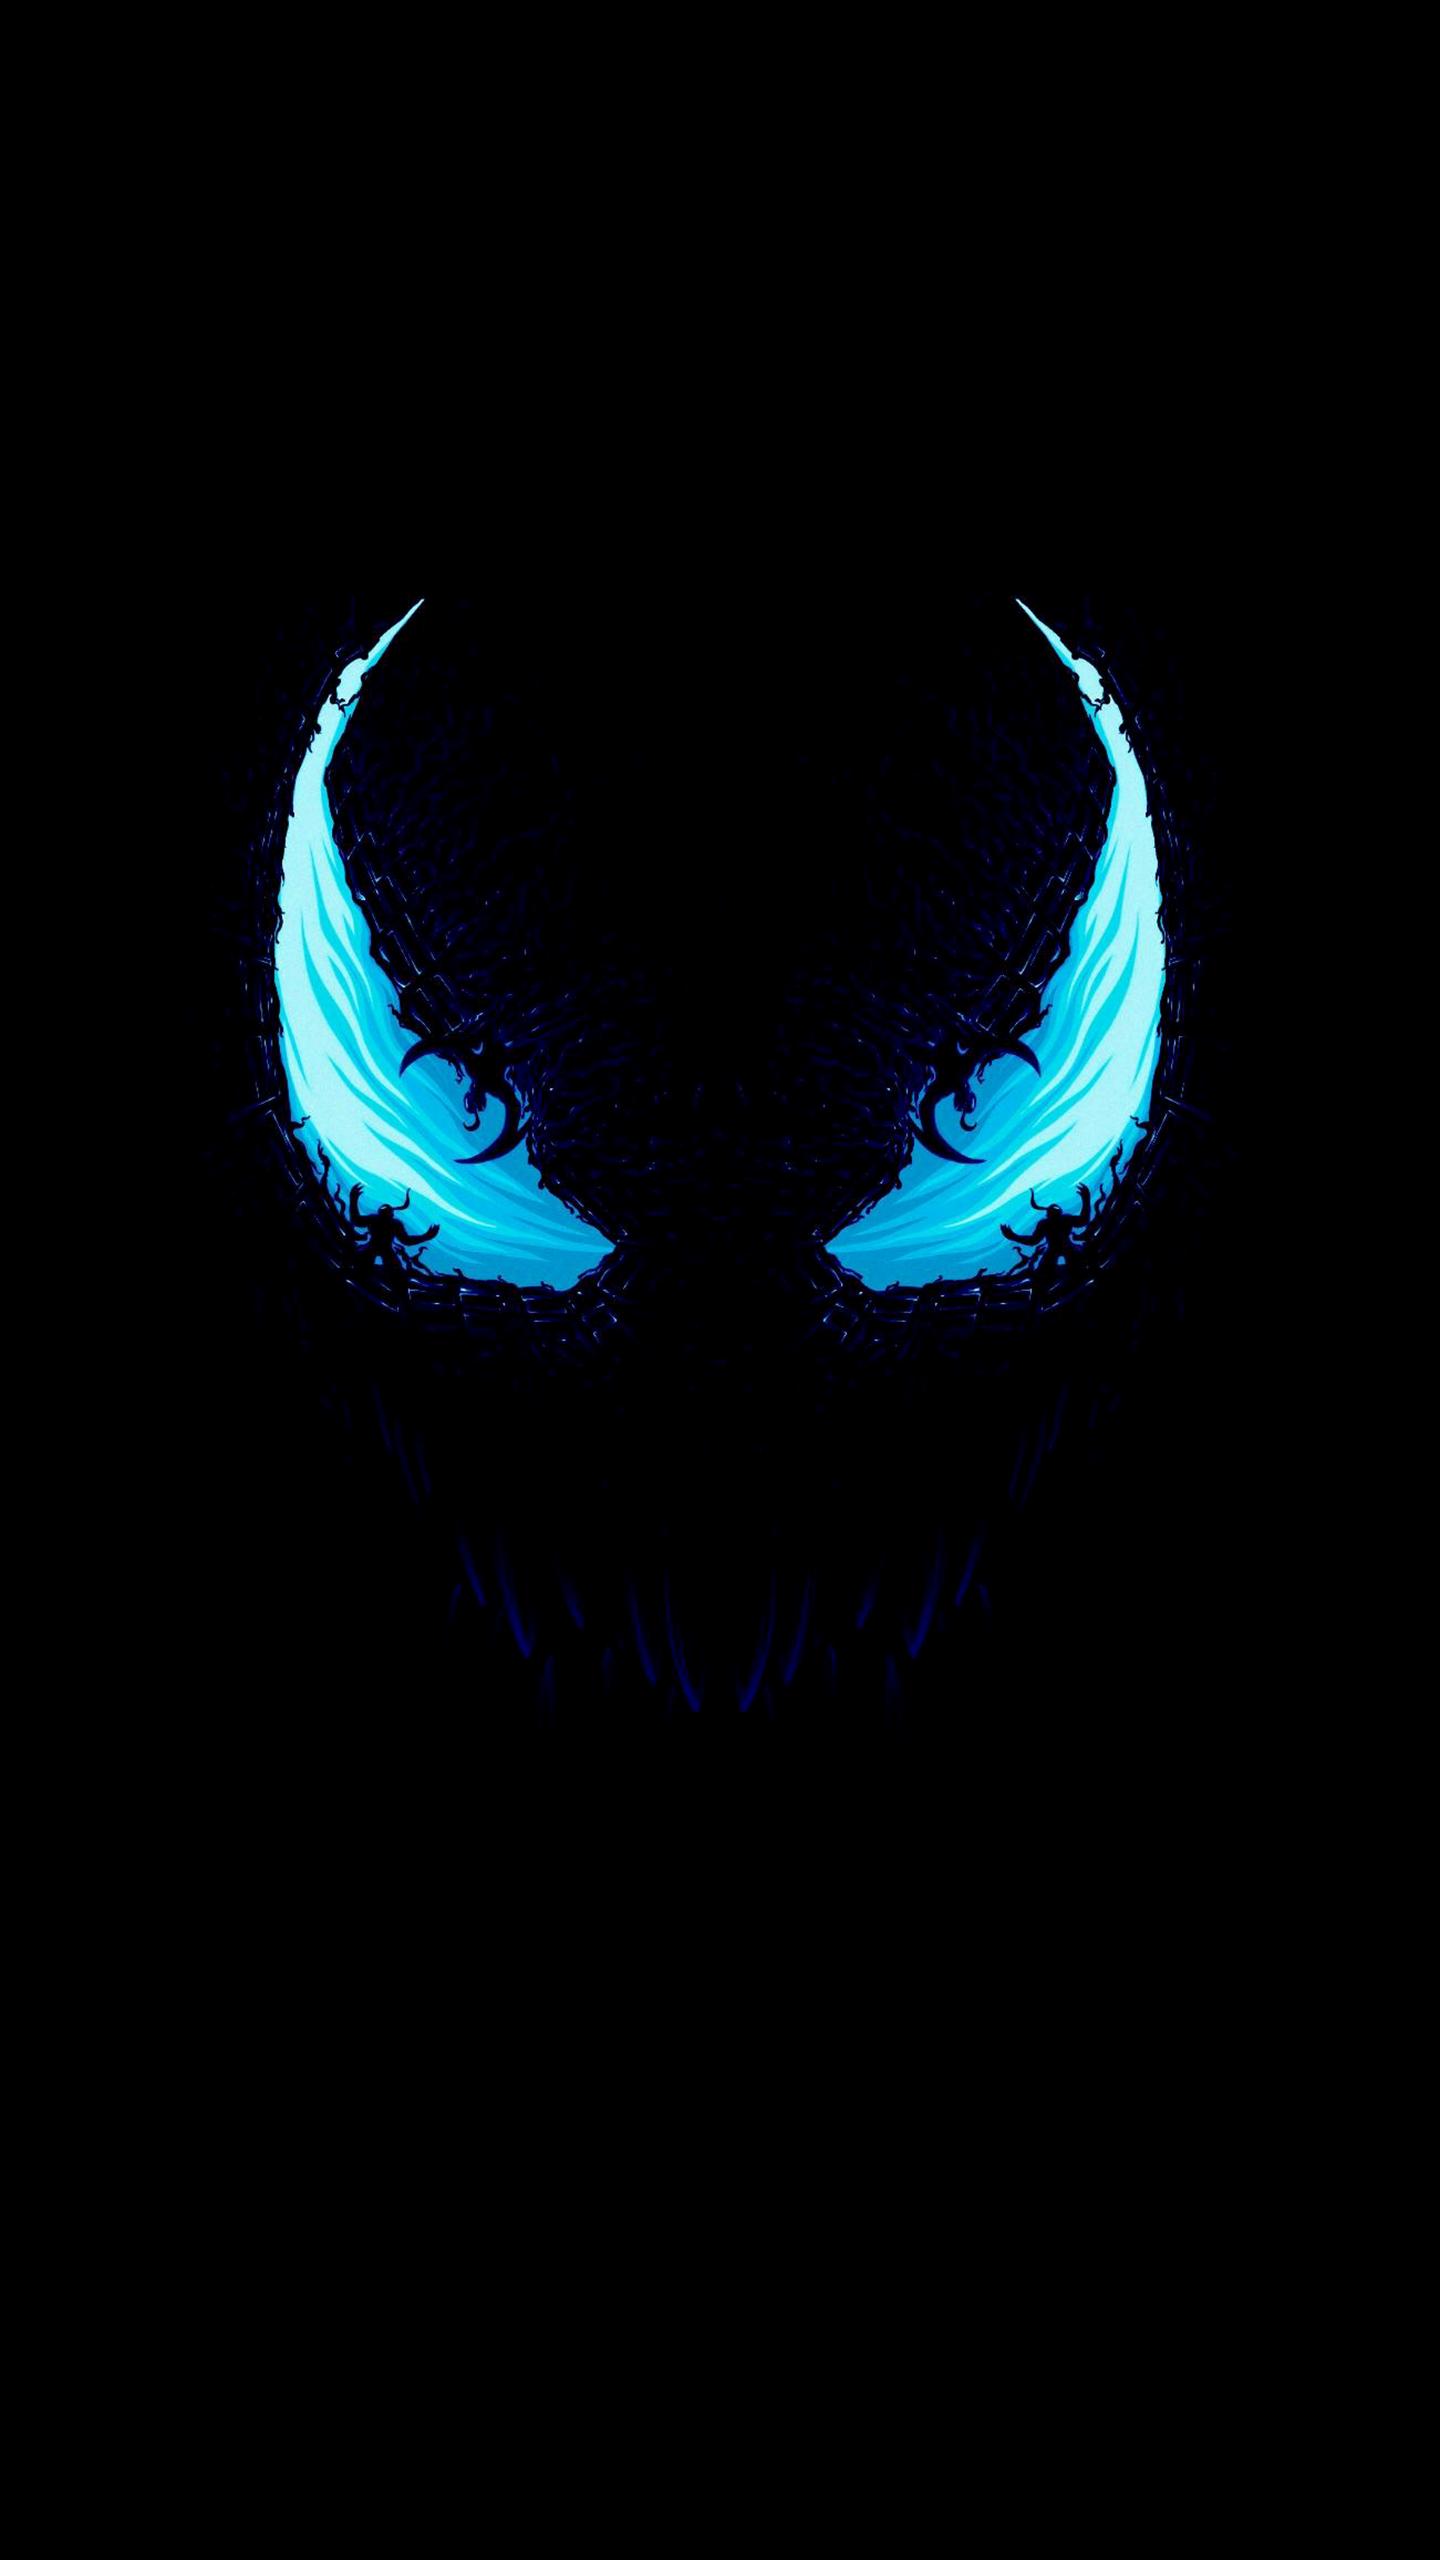 Dark Iphone Wallpaper Illyustracii Komiksov Marvel Neonovaya Zhivopis Risunki Pandy